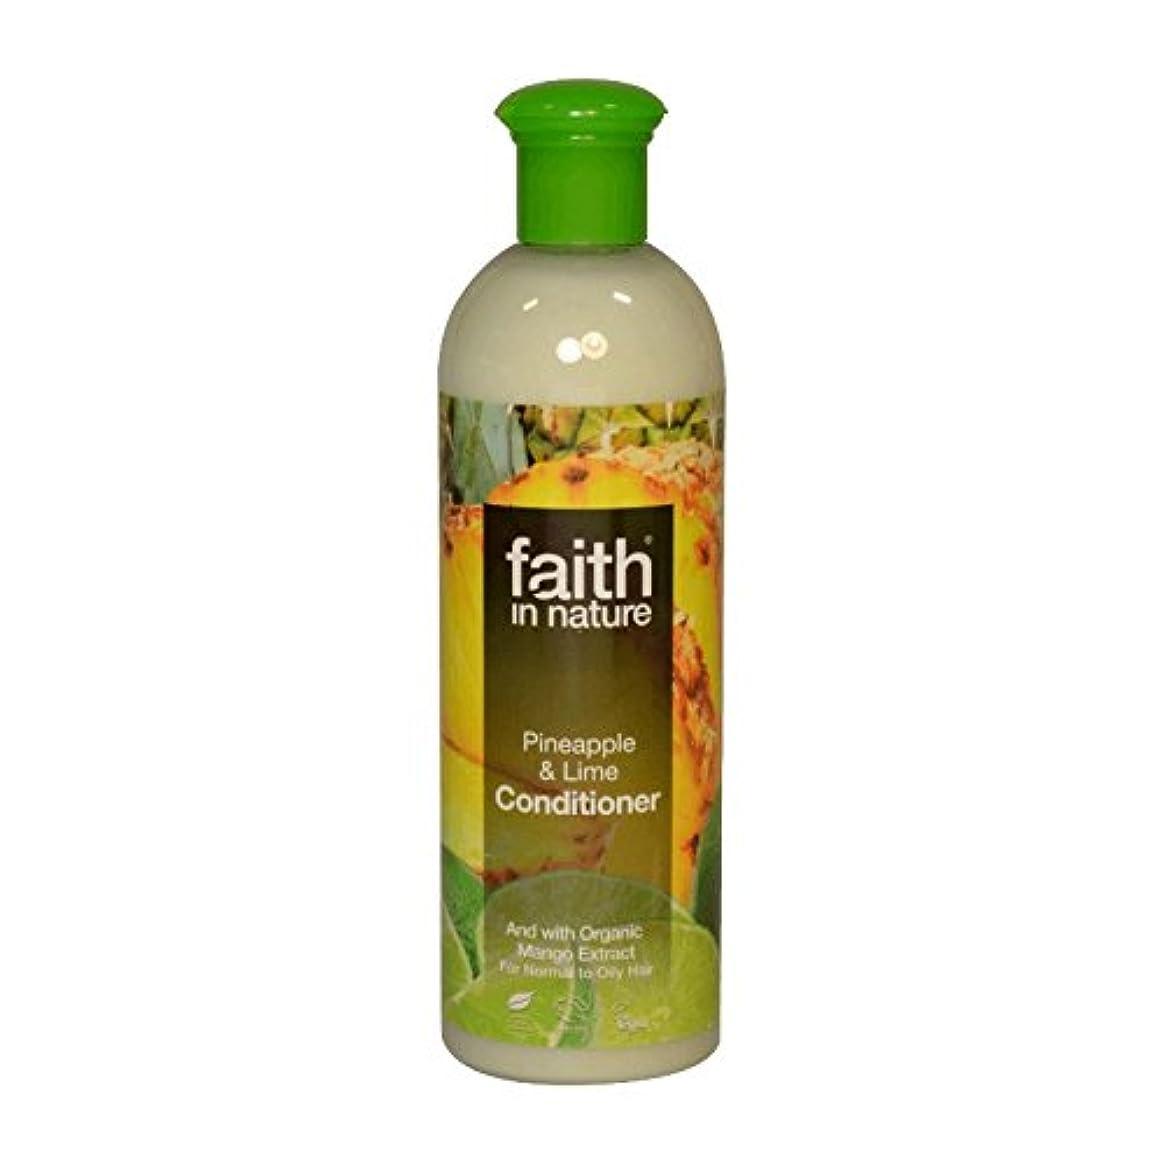 槍ブラスト凝縮する自然パイナップル&ライムコンディショナー400ミリリットルの信仰 - Faith in Nature Pineapple & Lime Conditioner 400ml (Faith in Nature) [並行輸入品]